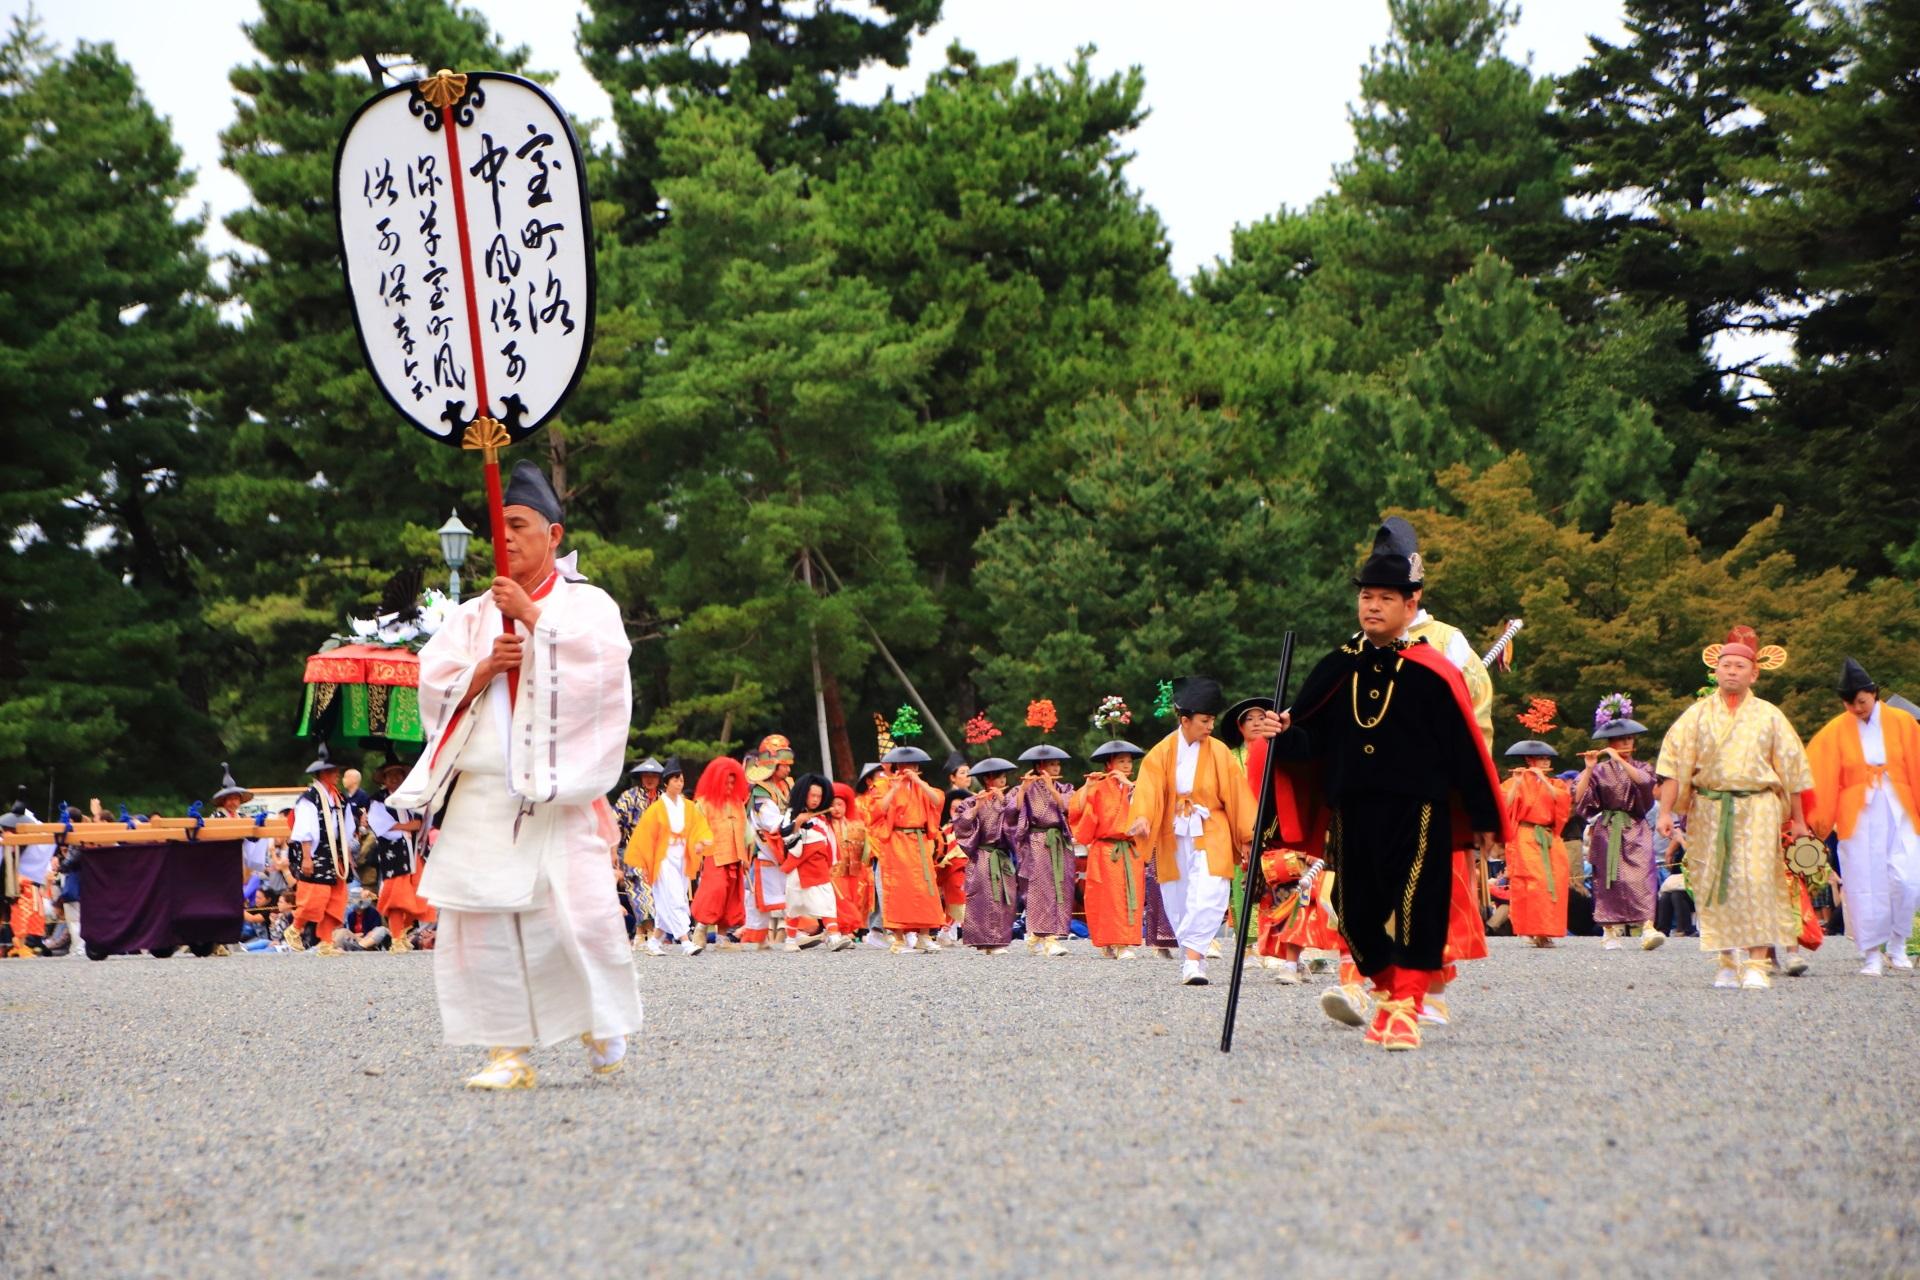 室町洛中風俗列(むろまちらくちゅうふうぞくれつ) 時代祭り